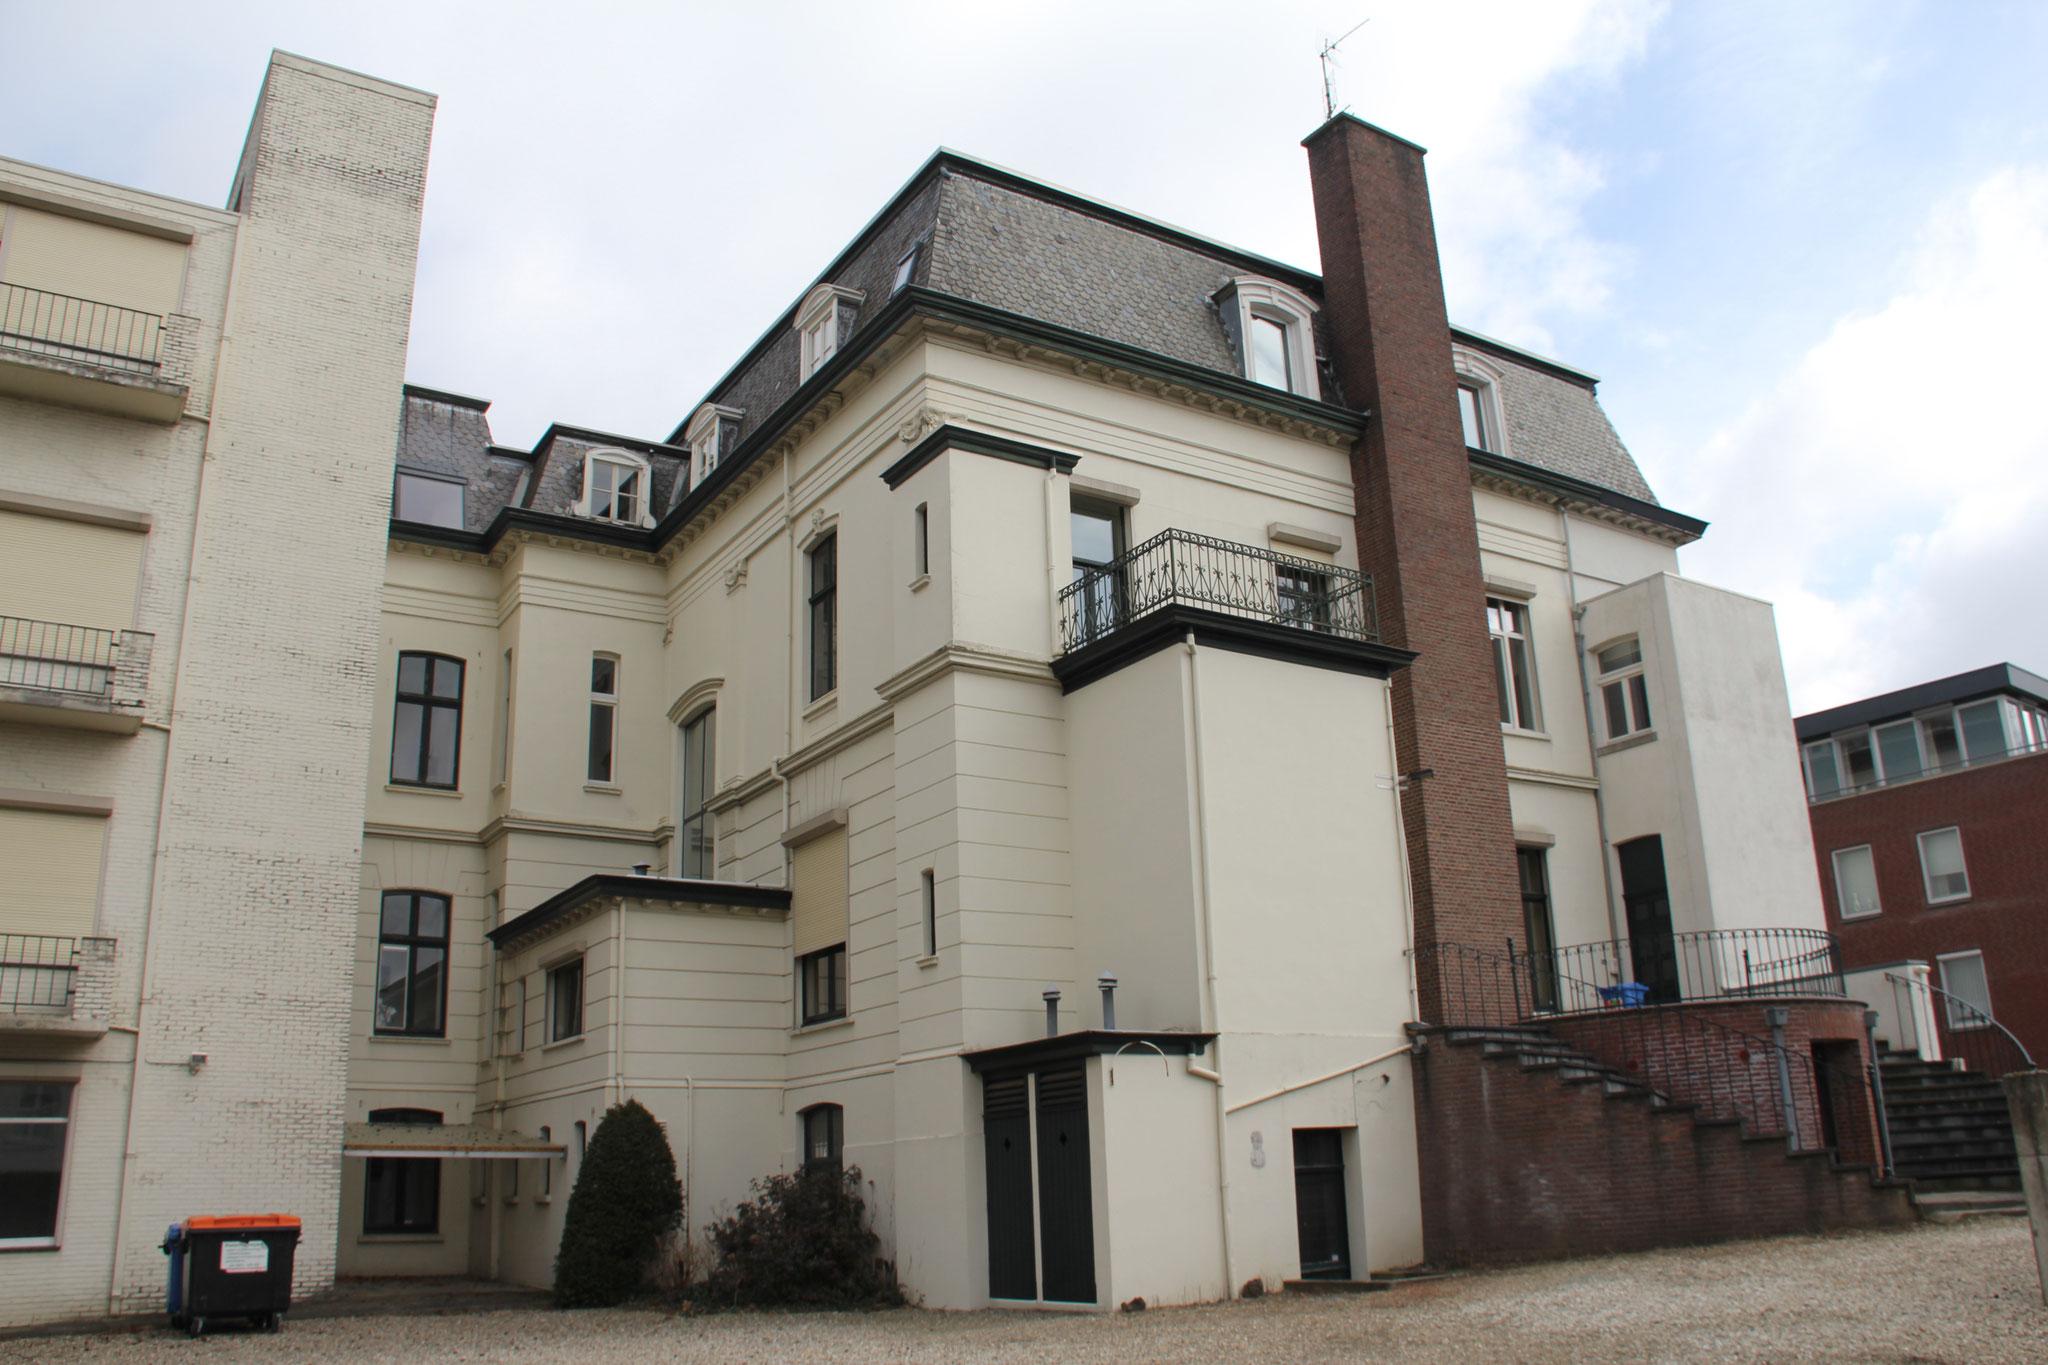 De achterzijde van het huis